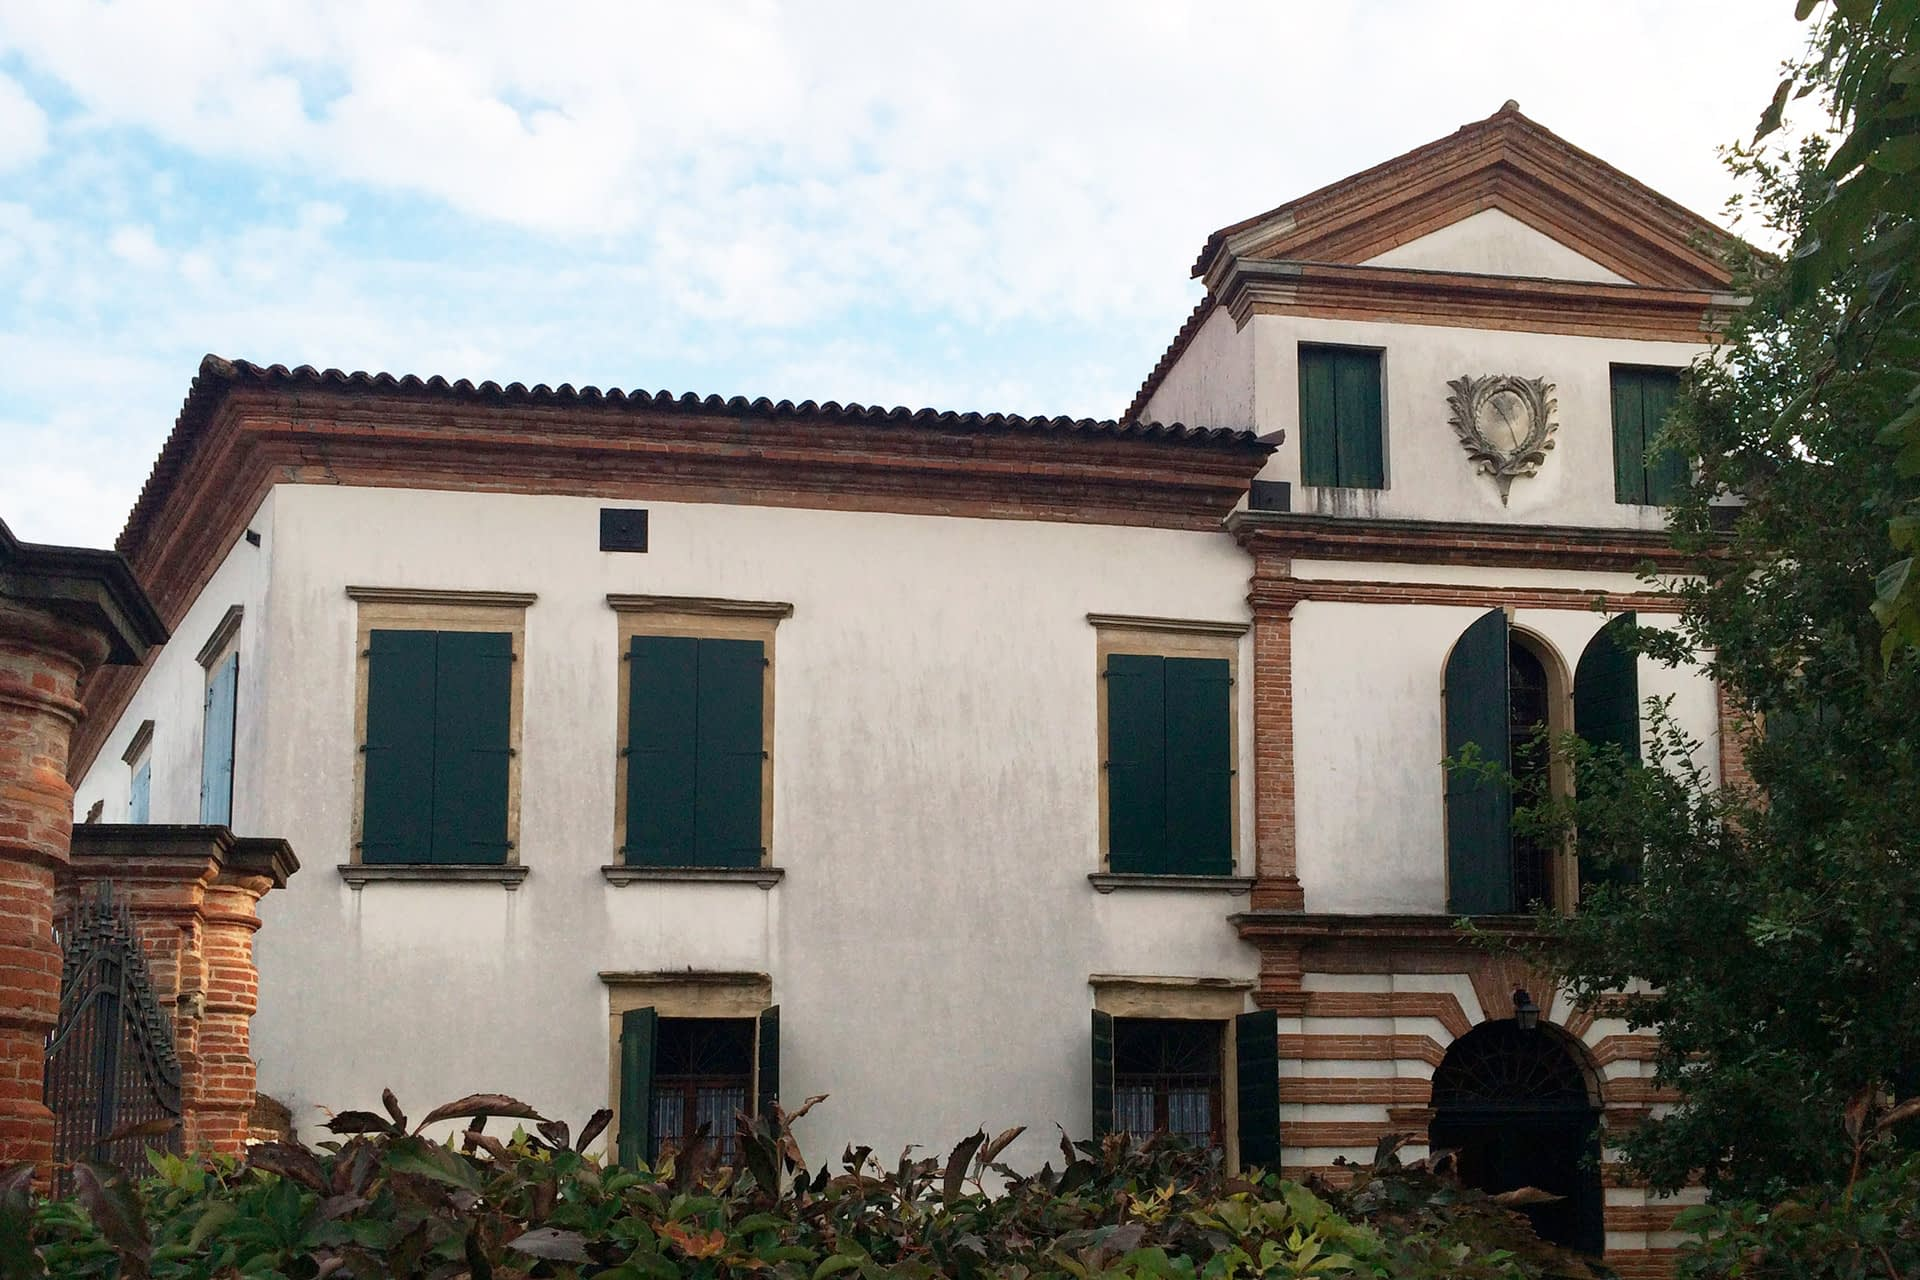 Conselve_Villa Schiesari Malipiero